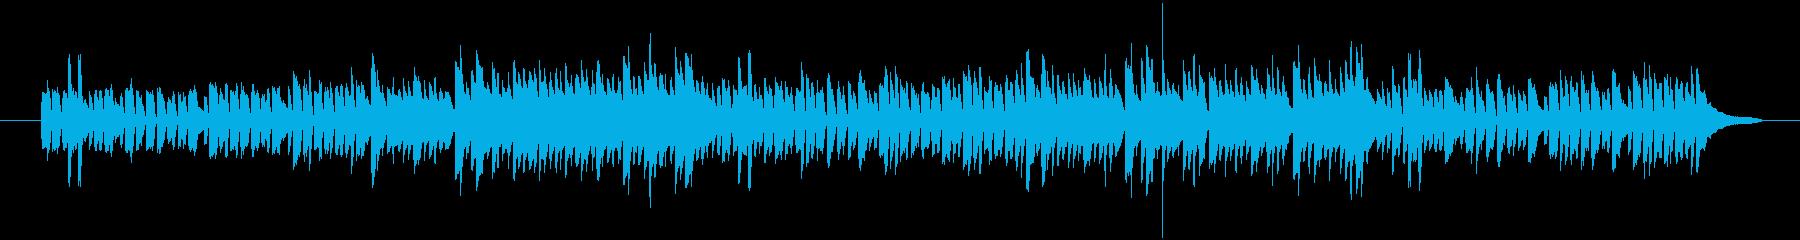 軽快なピアノの練習曲の再生済みの波形